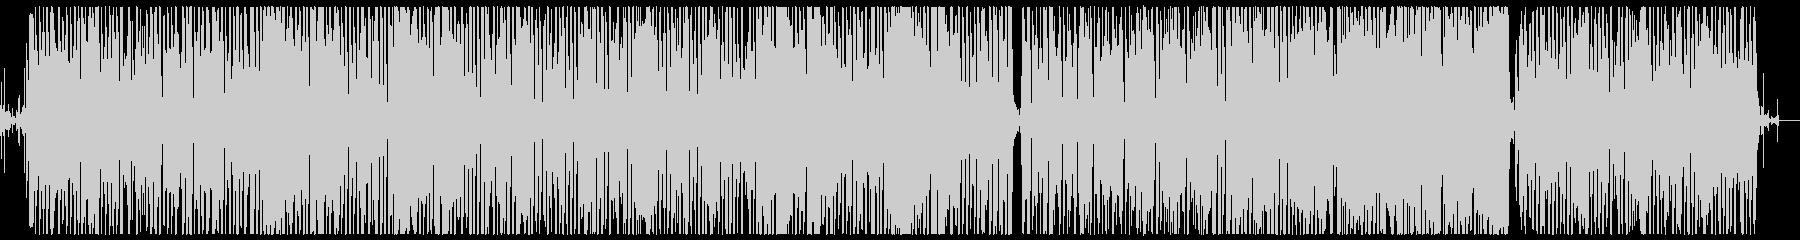 蓄音機で楽しげなジプシージャズ/スイングの未再生の波形